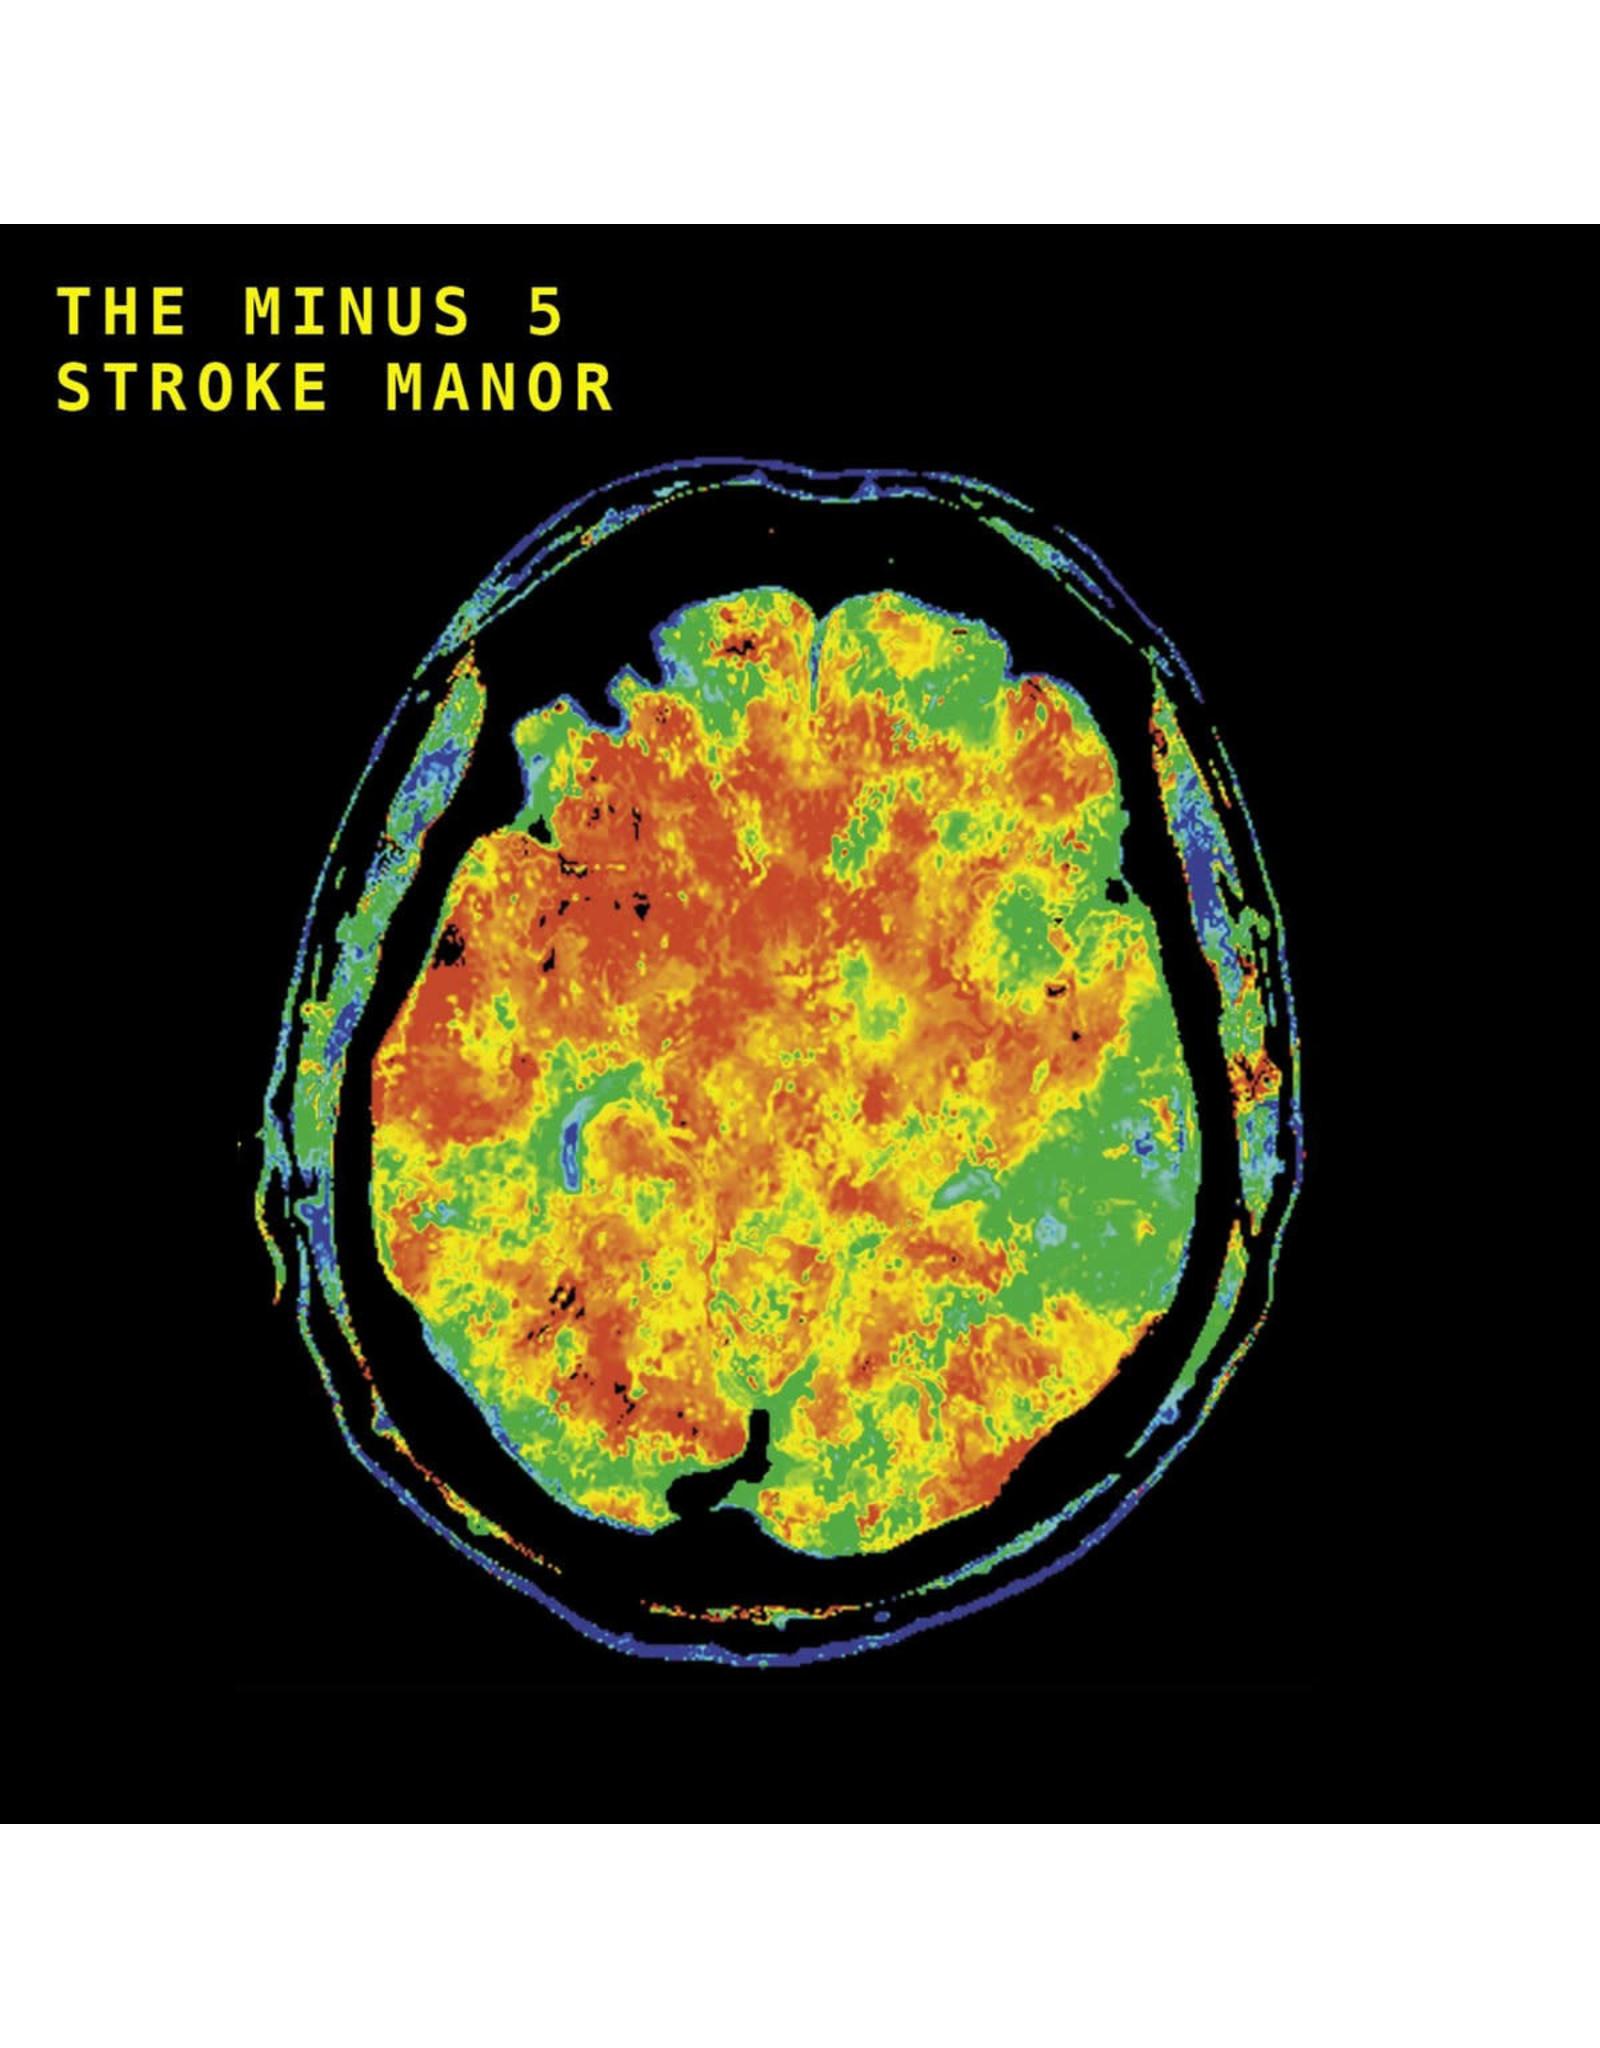 New Vinyl The Minus 5 - Stroke Manor LP